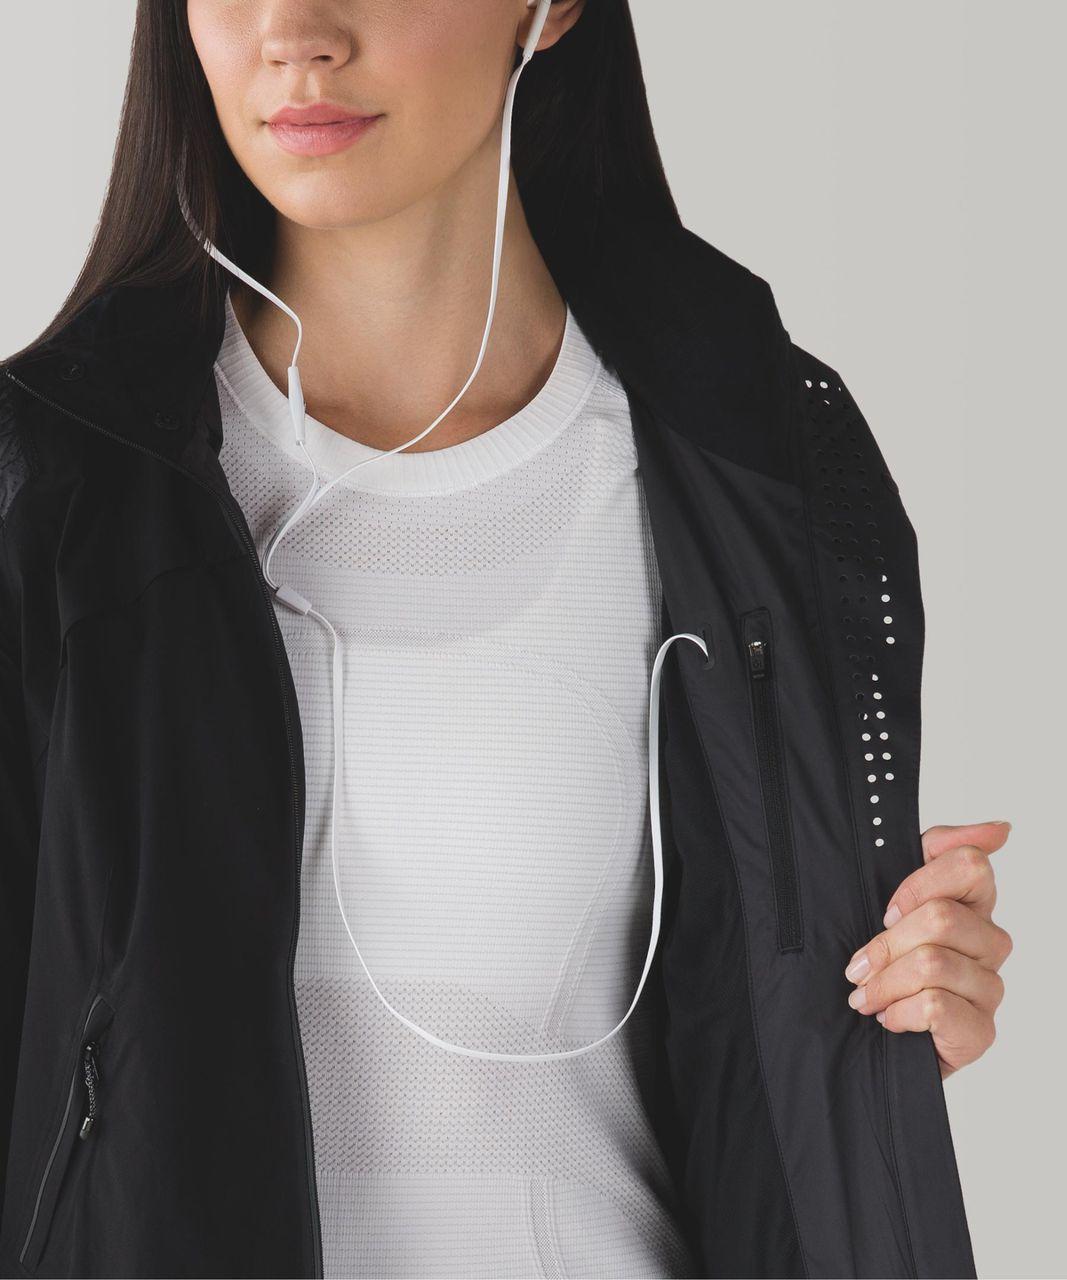 Lululemon Rain Runner Jacket - Black